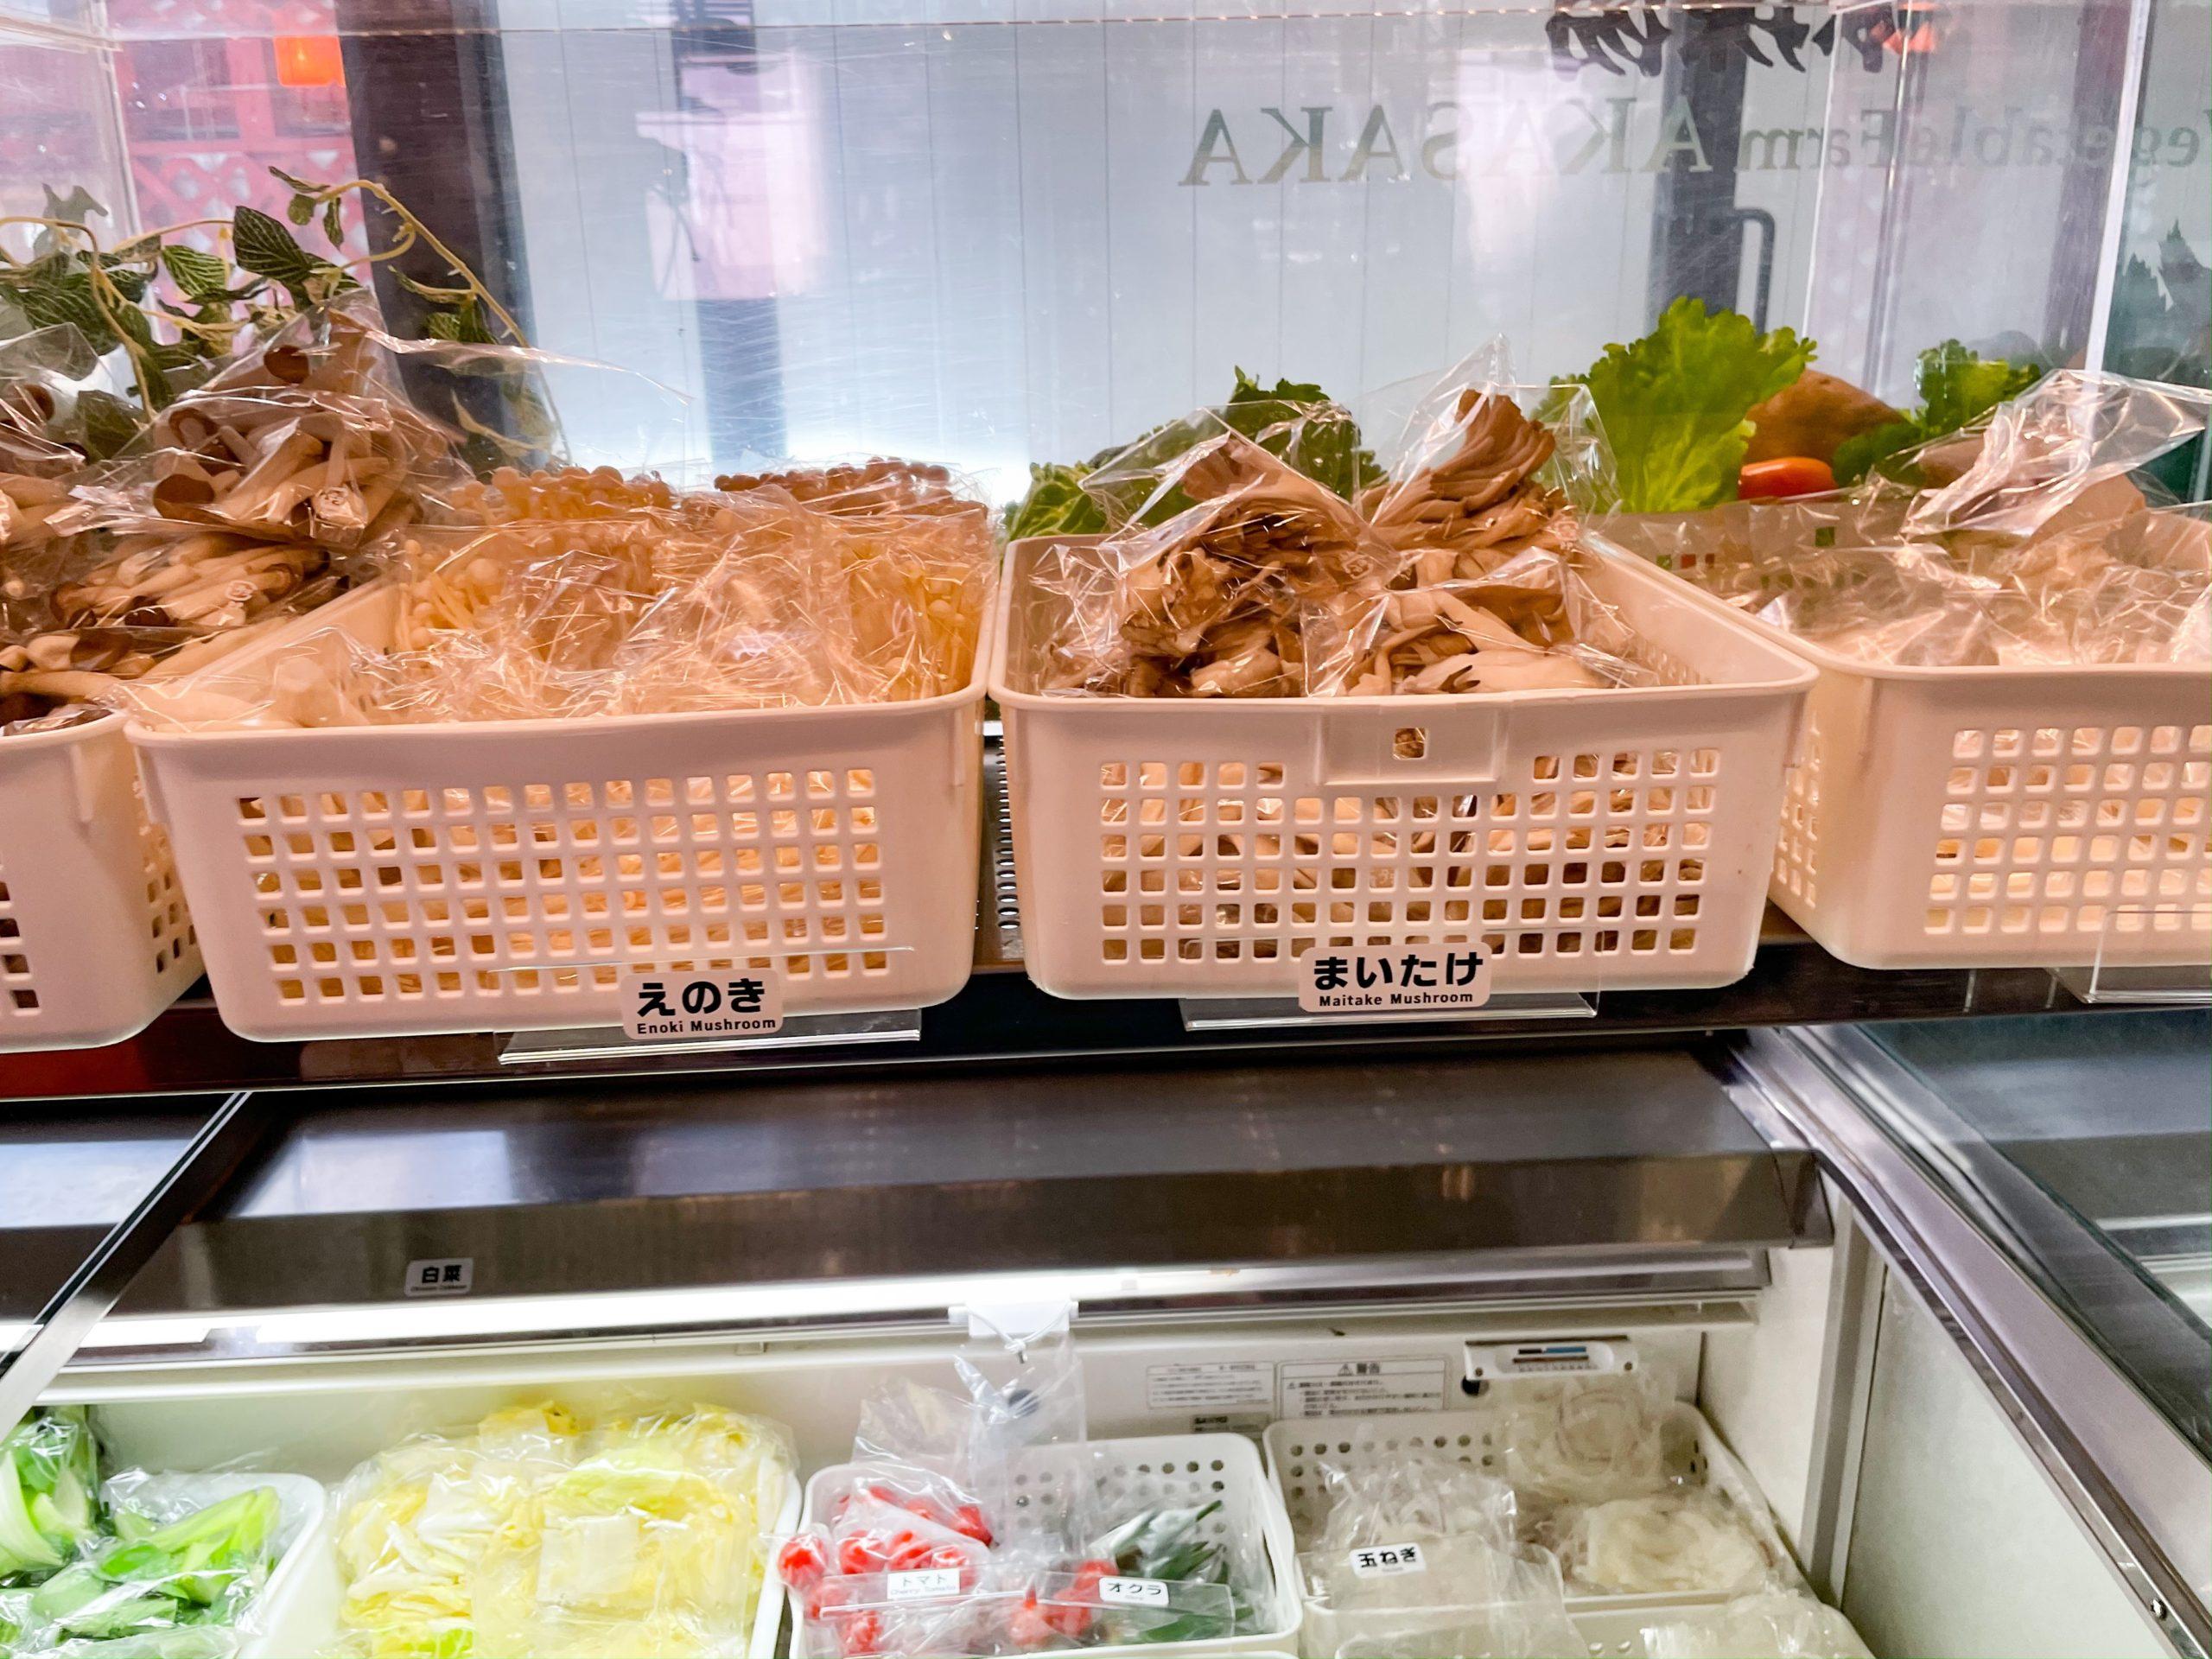 トッピングメニュー種類 七宝 麻辣湯(ちーぱお まーらーたん)